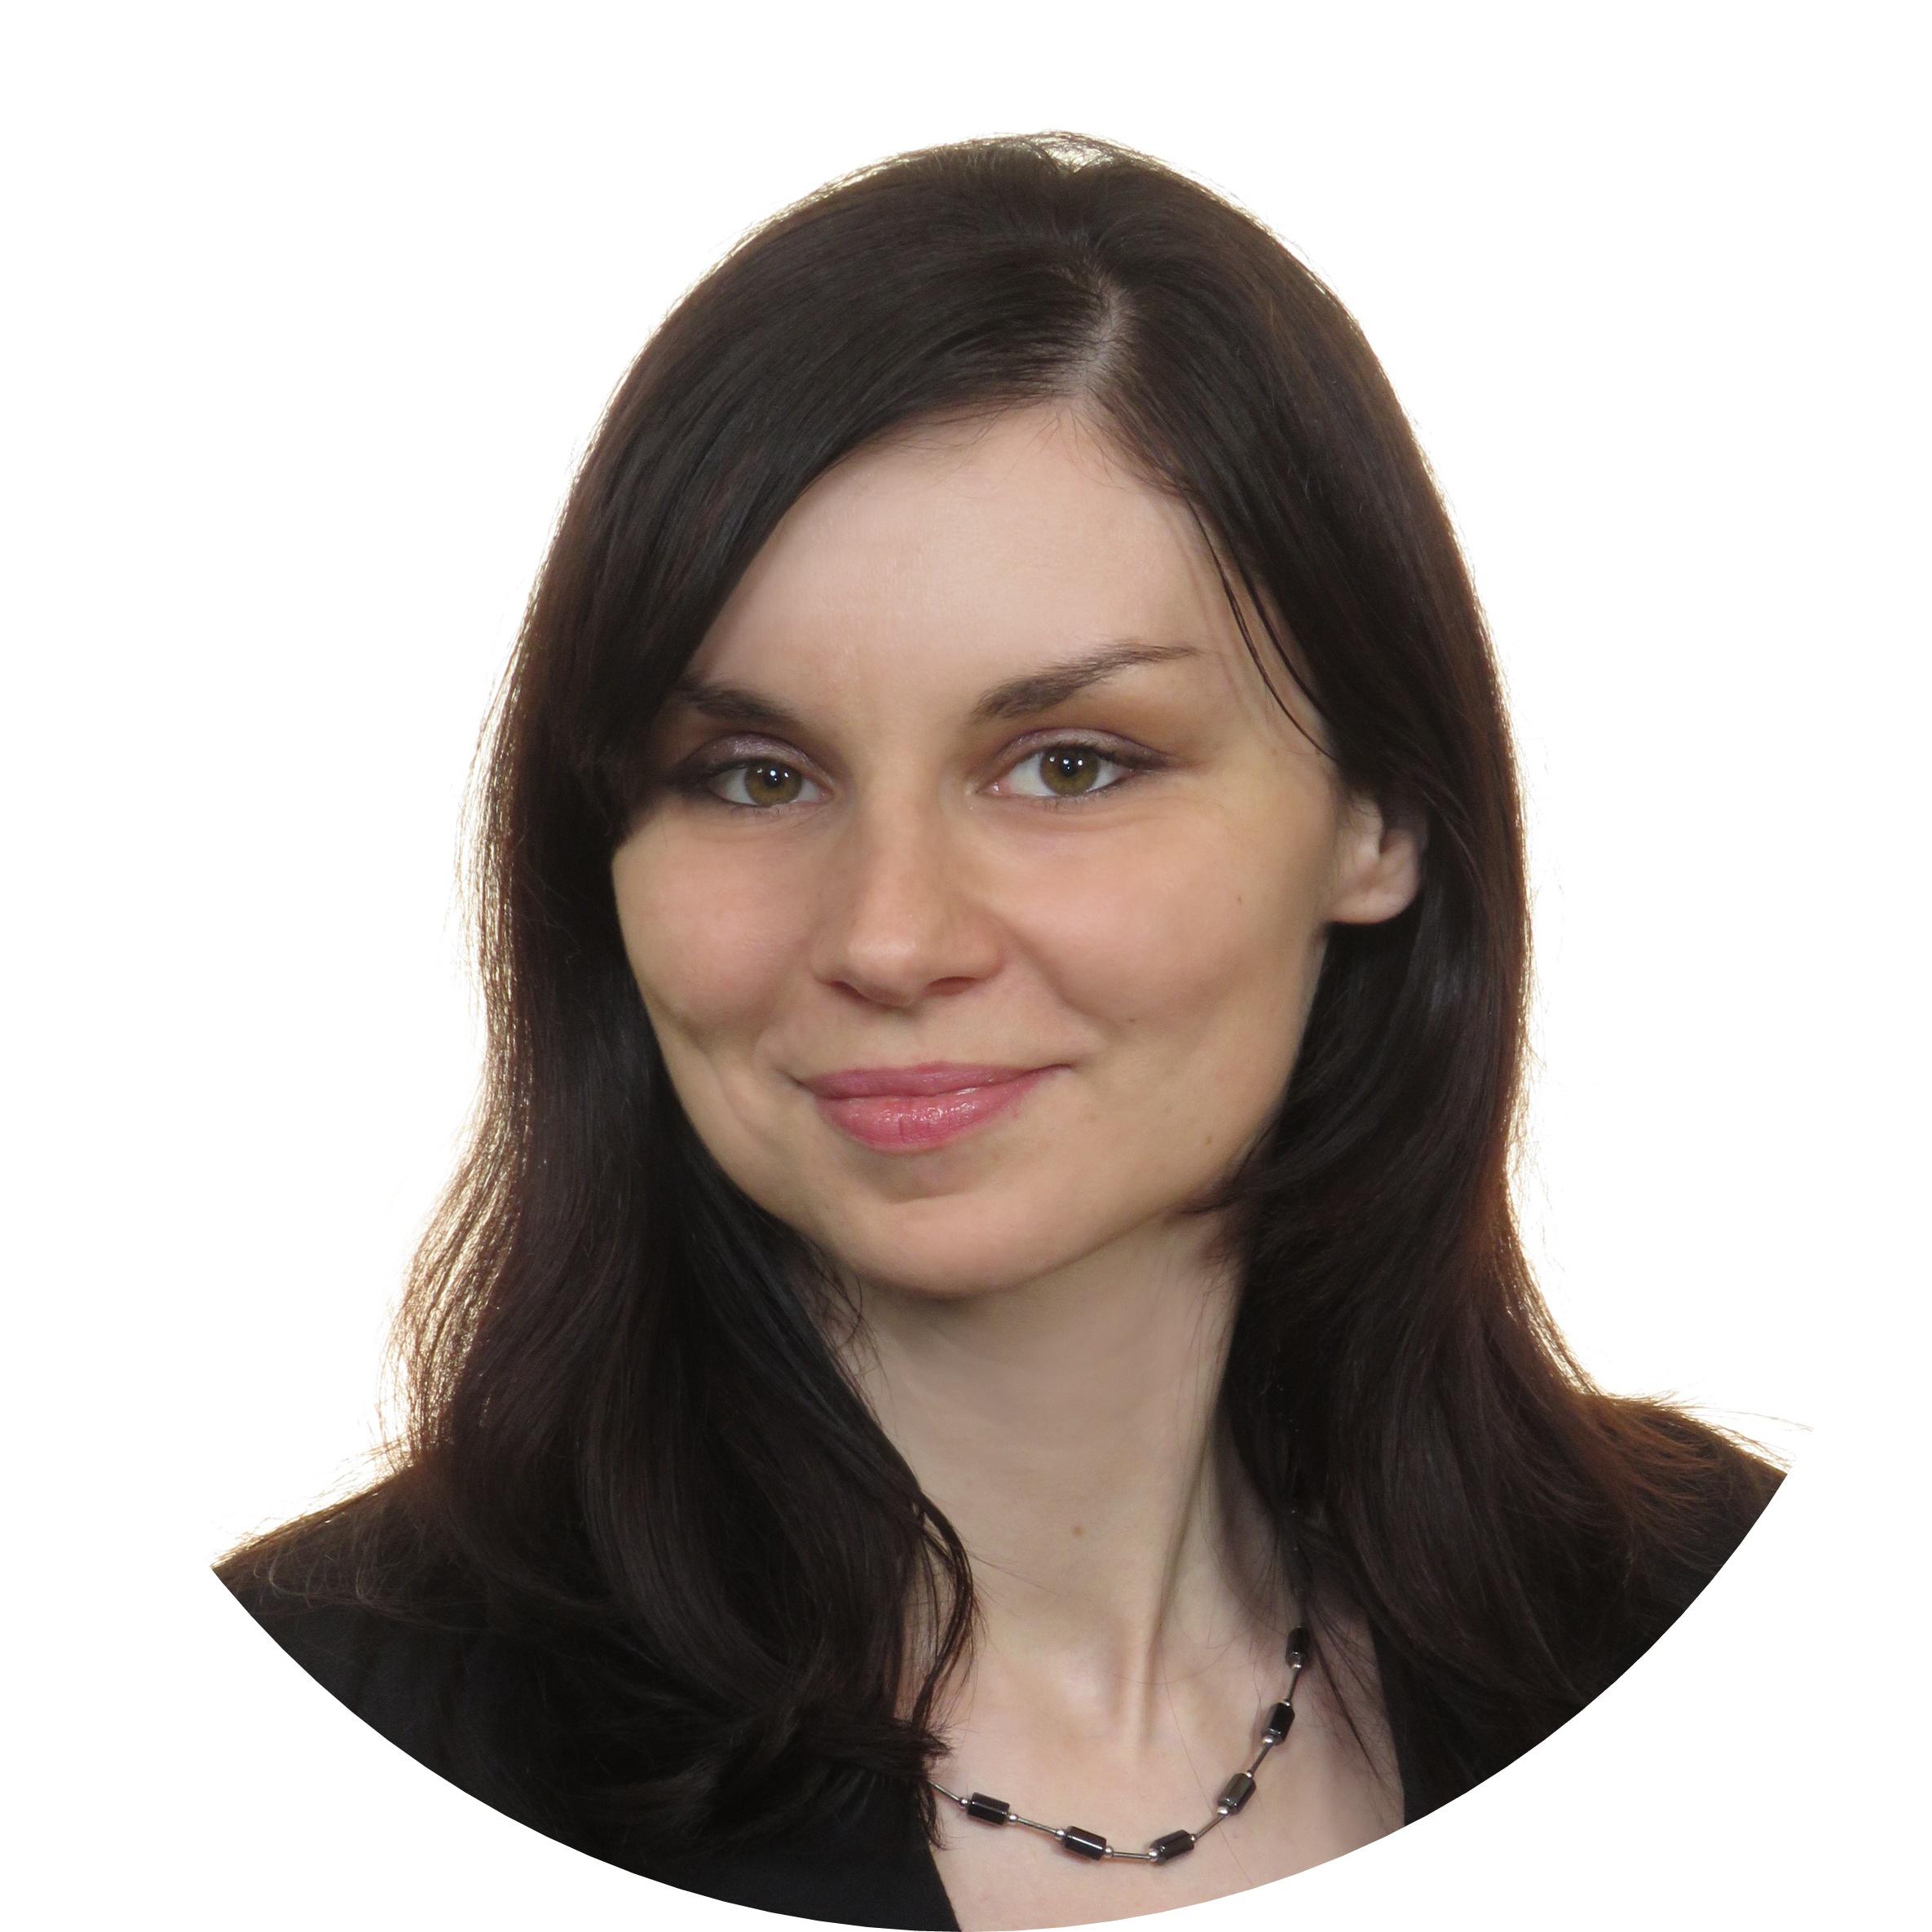 Magdalena Rybczyńska